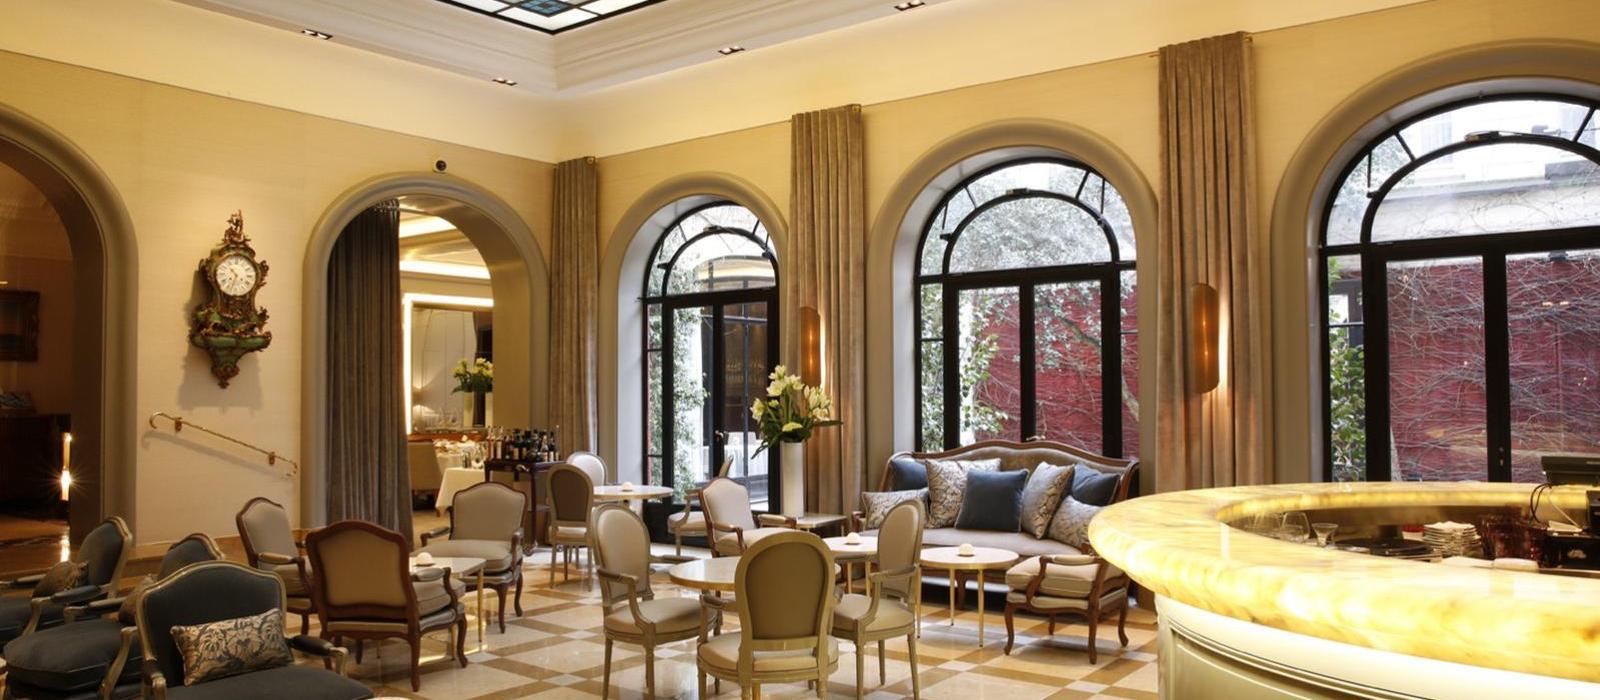 兰卡斯特酒店(Hotel Lancaster) 酒吧图片  www.lhw.cn